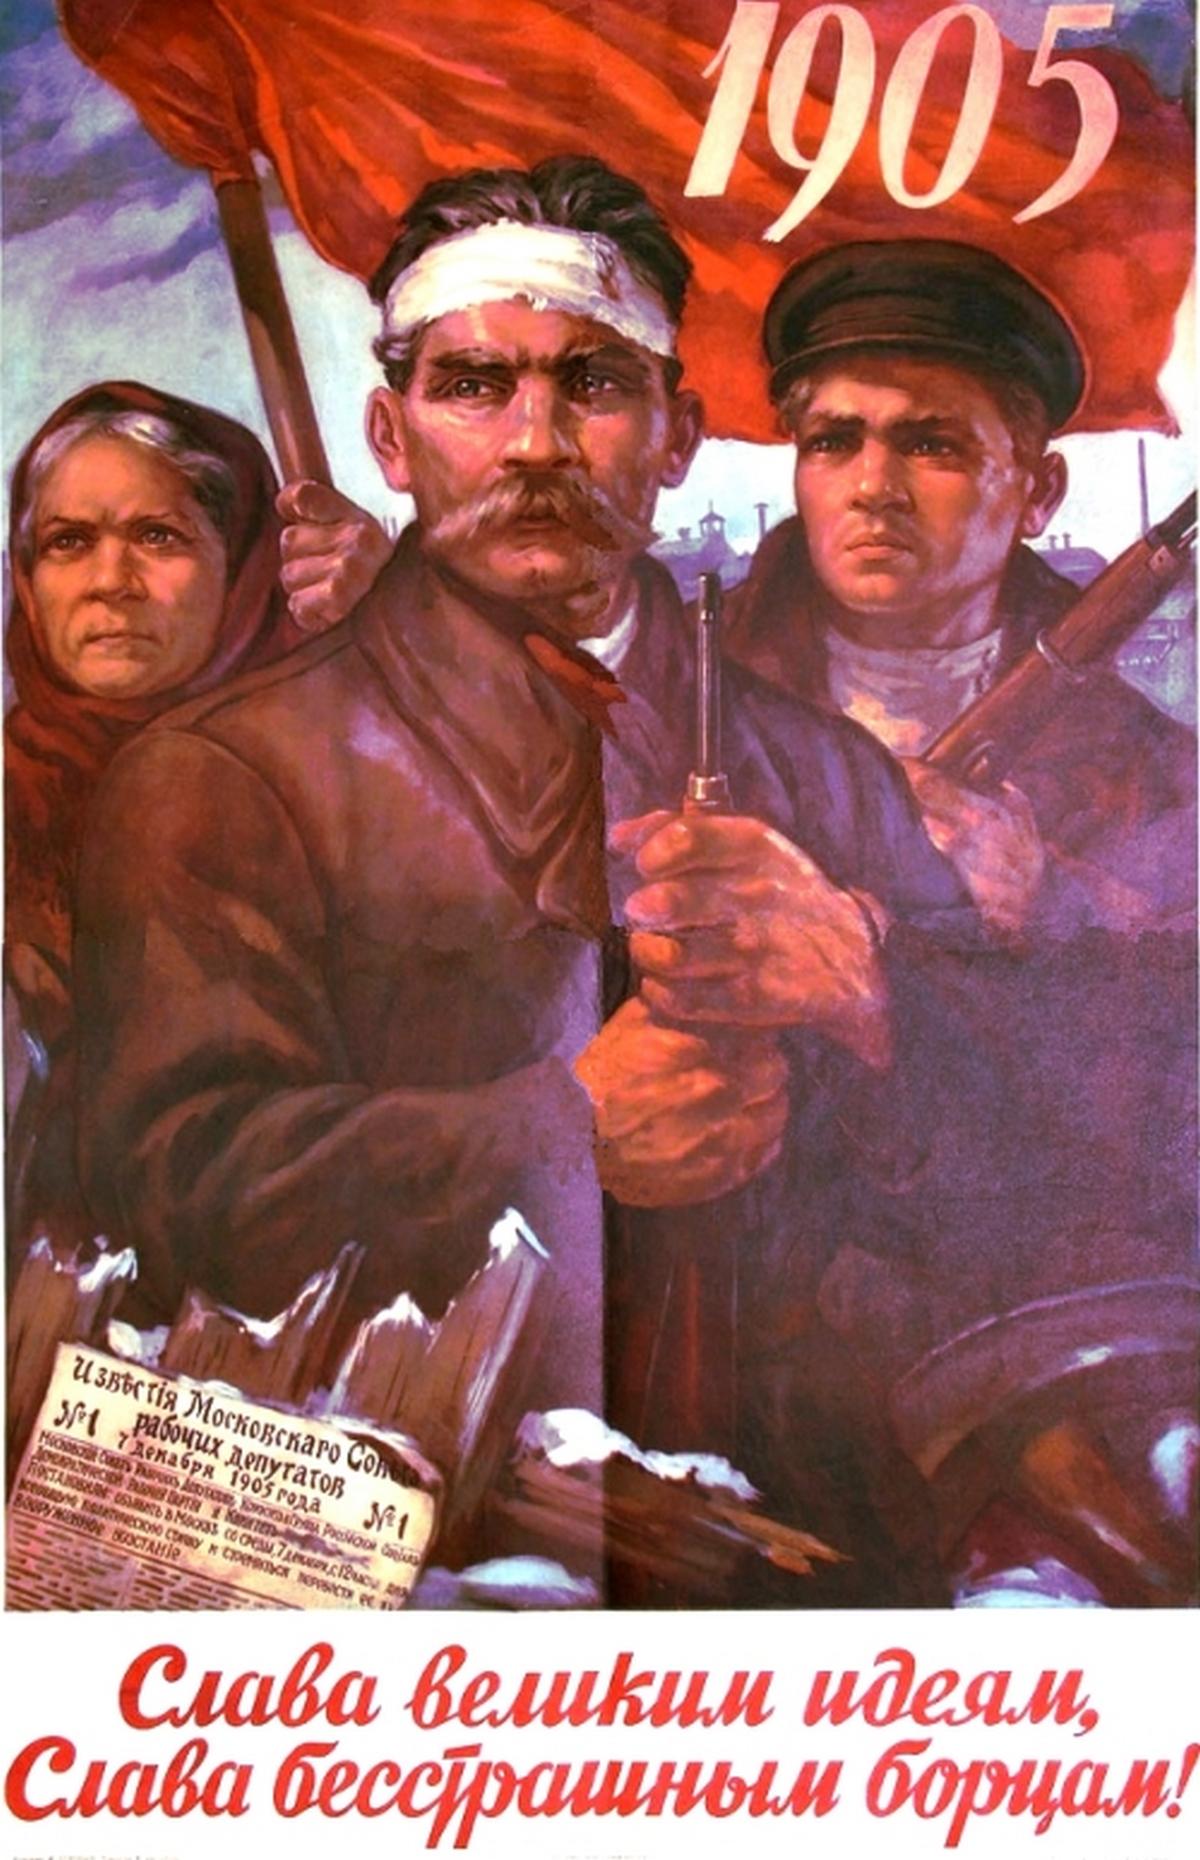 Скелеты в шкафу первой русской революции.